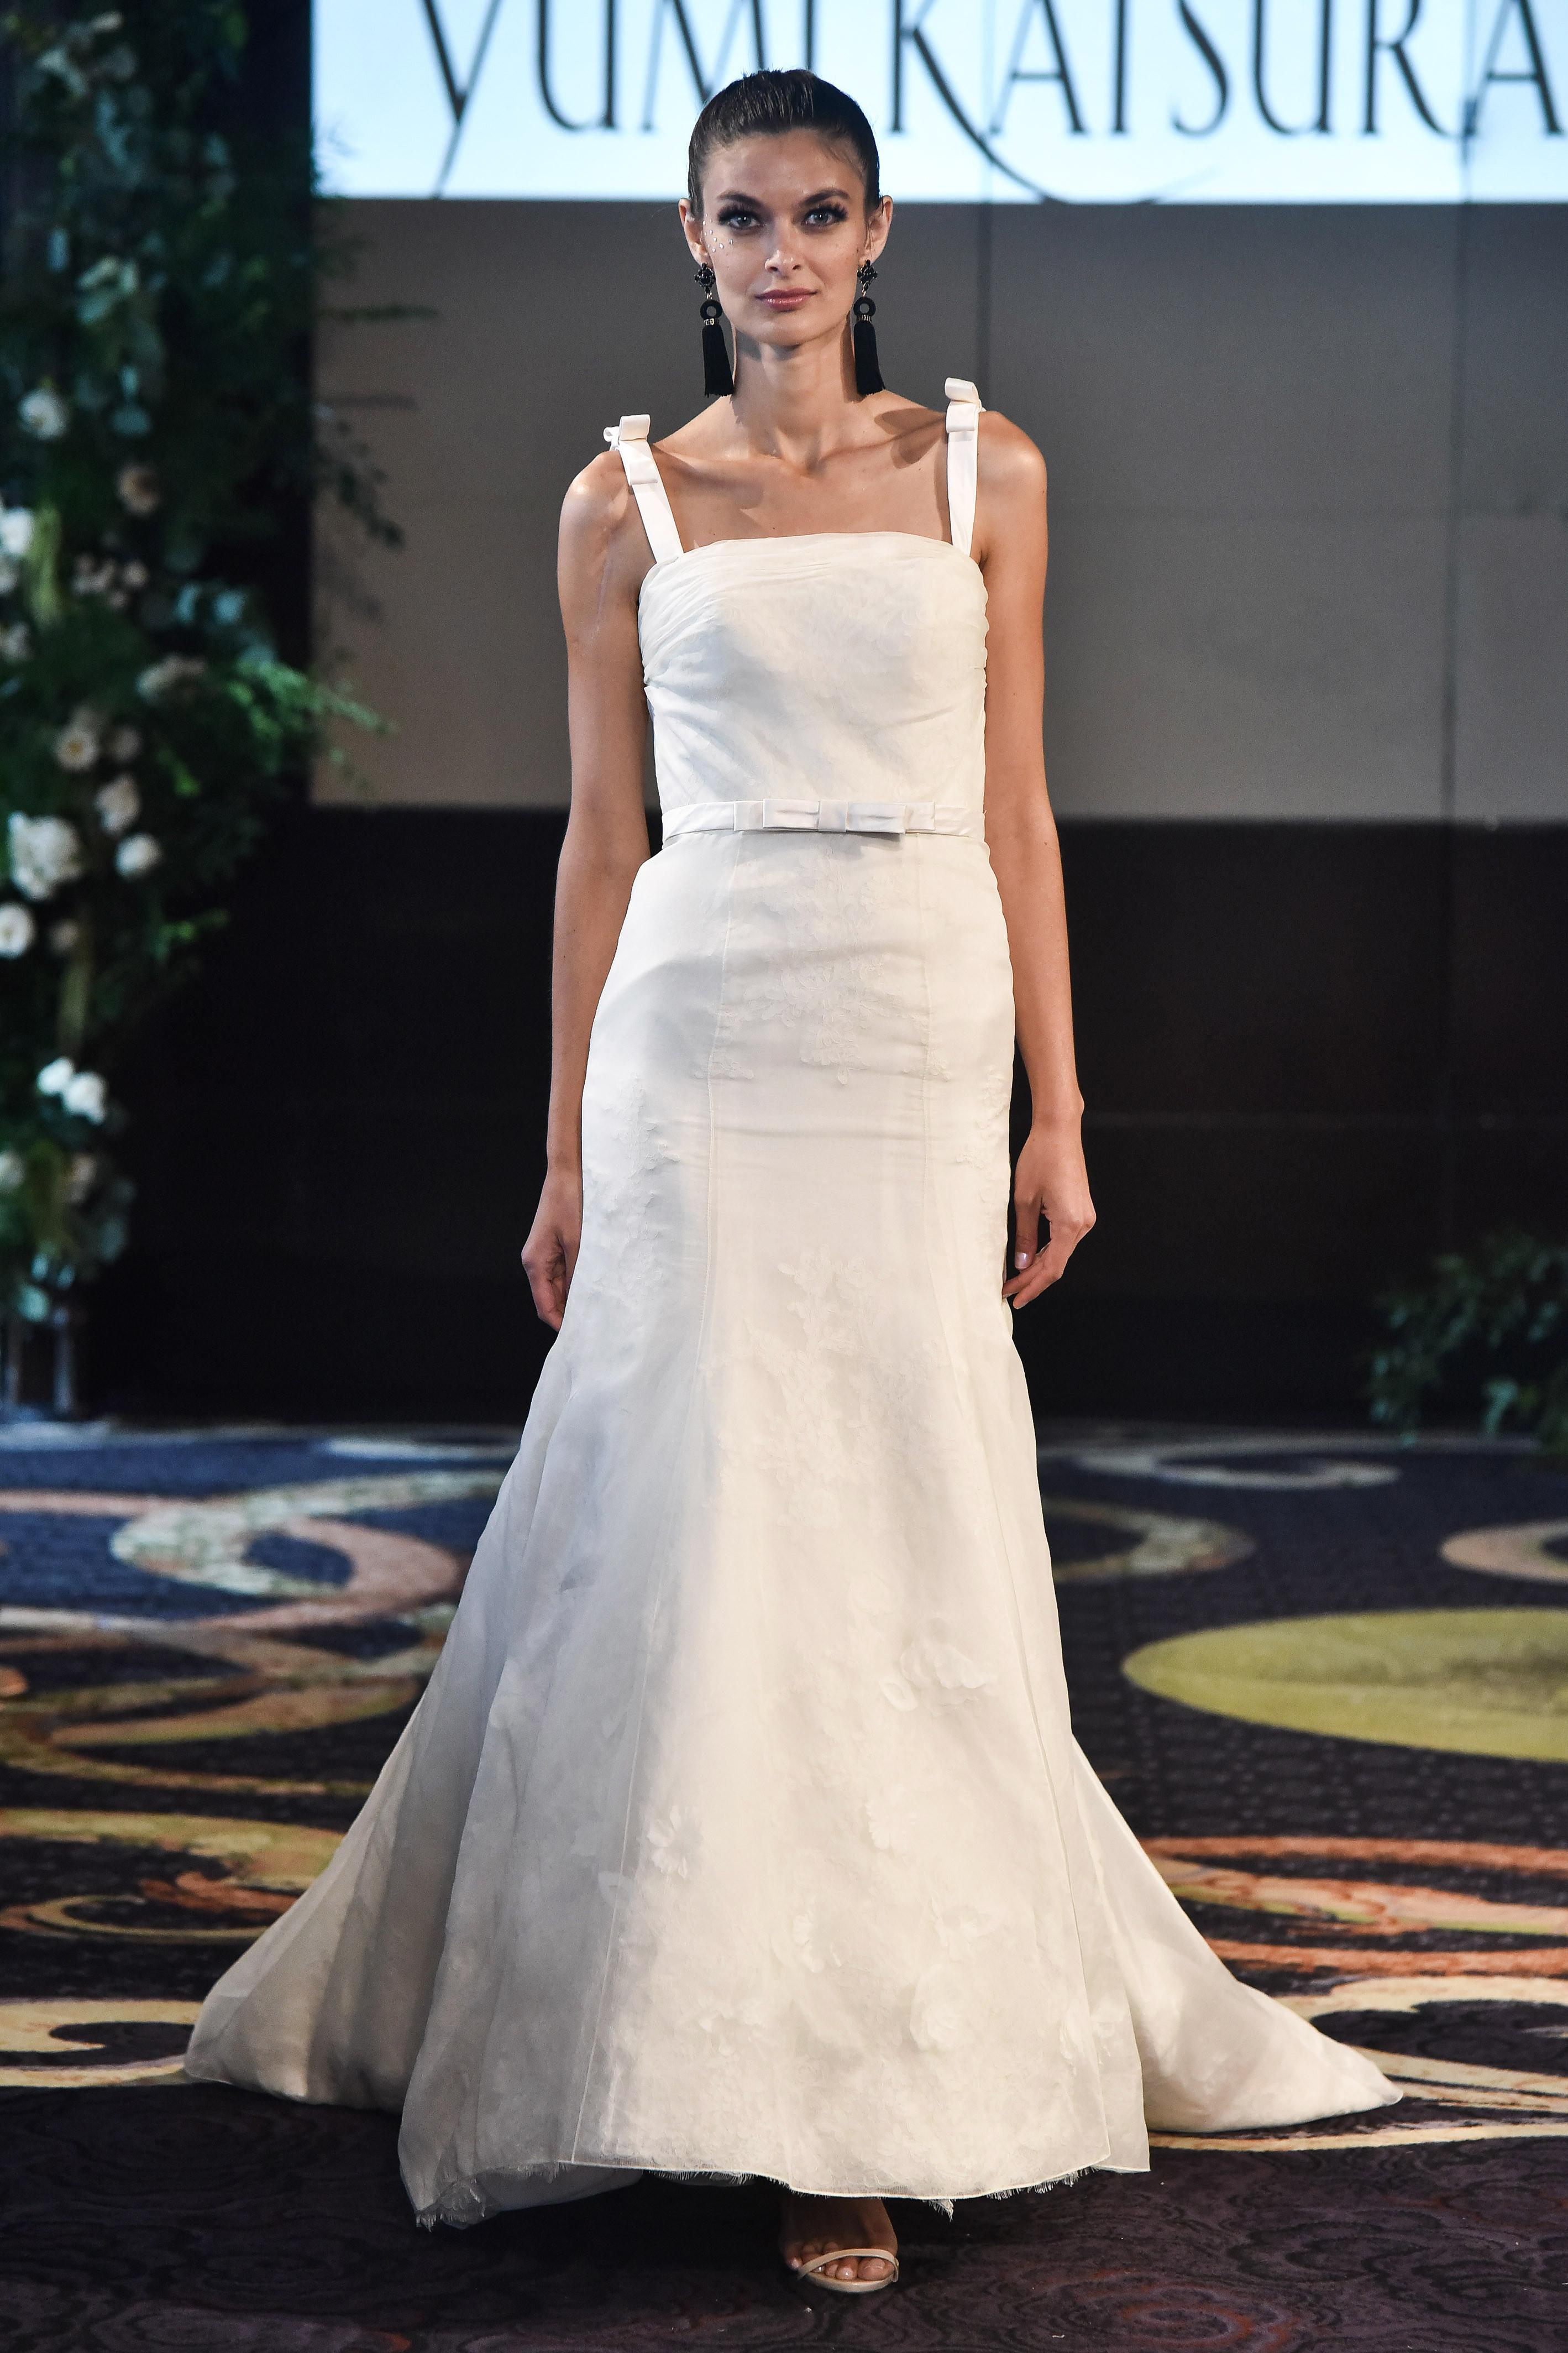 yumi katsura fall 2018 belted bow detail wedding dress